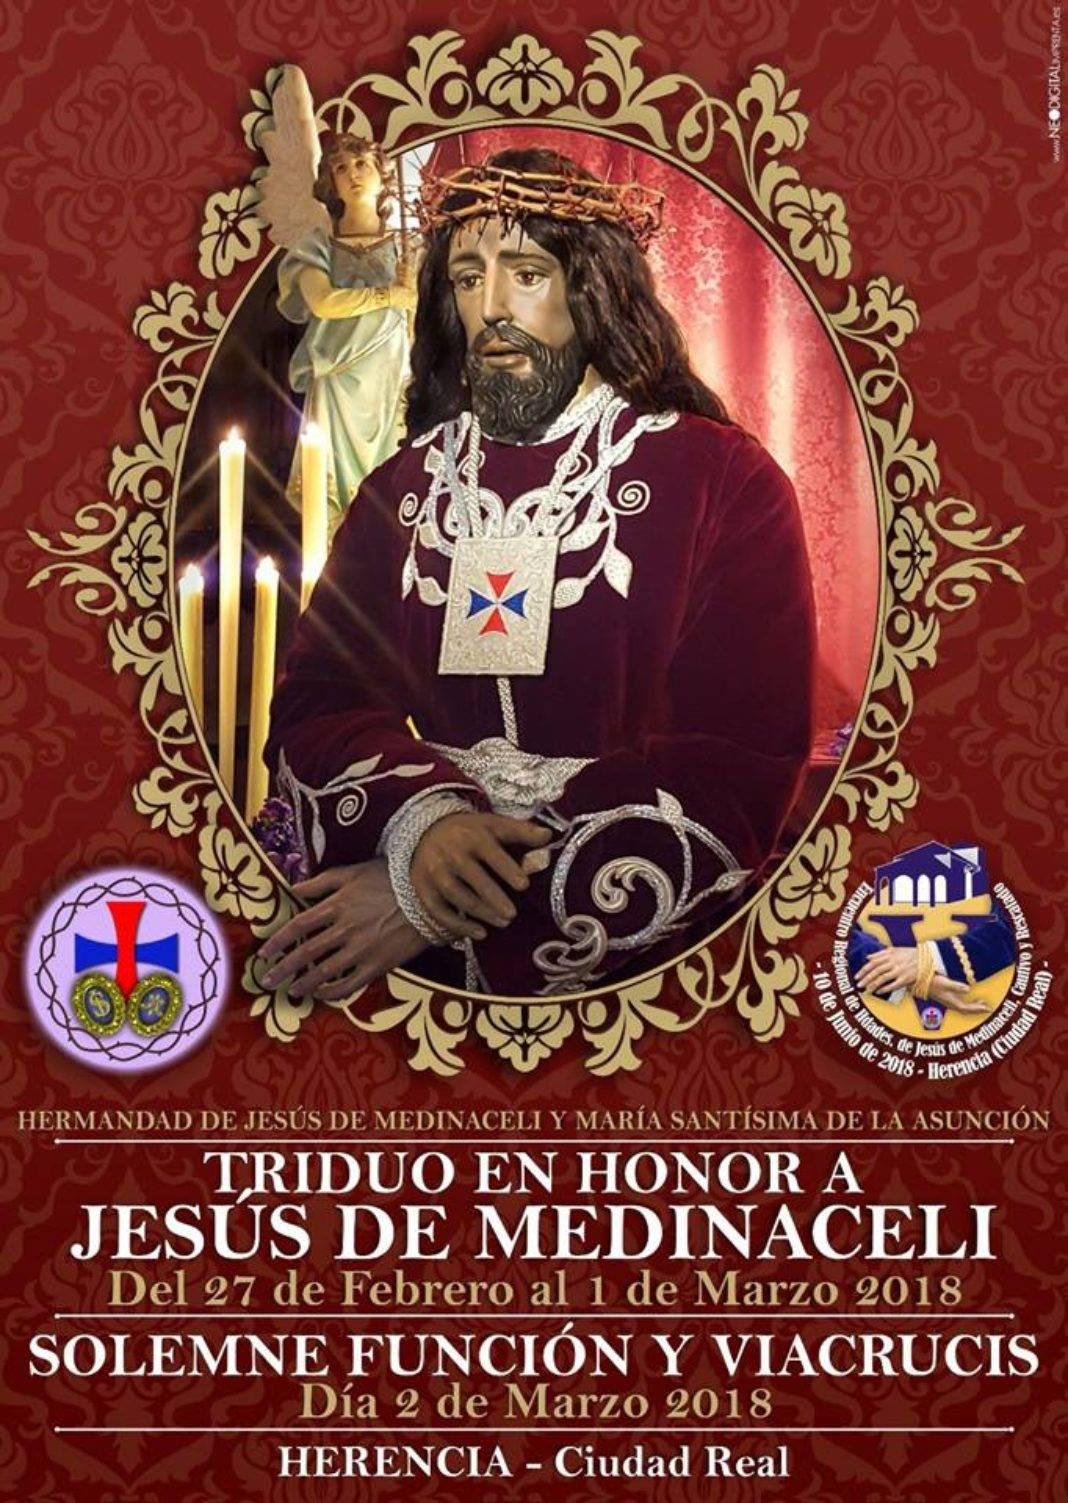 Triduo a Jesus de Medinaceli de Herencia 2018 1068x1503 - Triduo y Viacrucis en honor a Jesús de Medinaceli